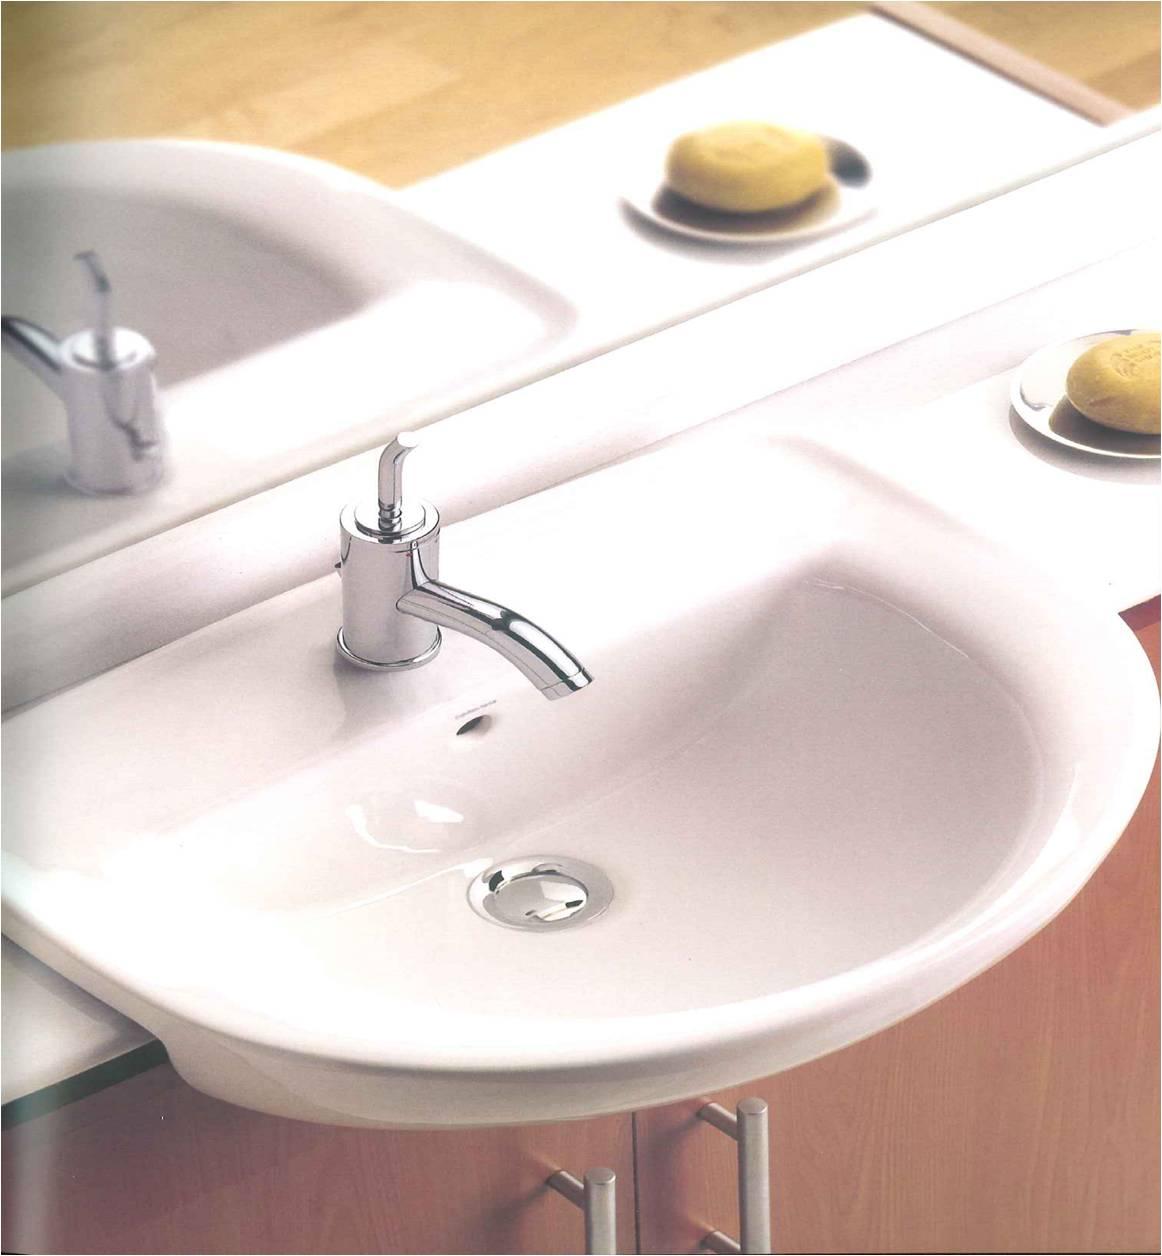 decoracao interiores casas banho:lavatorio de banheiro lavatorio  #9C6F2F 1162 1256